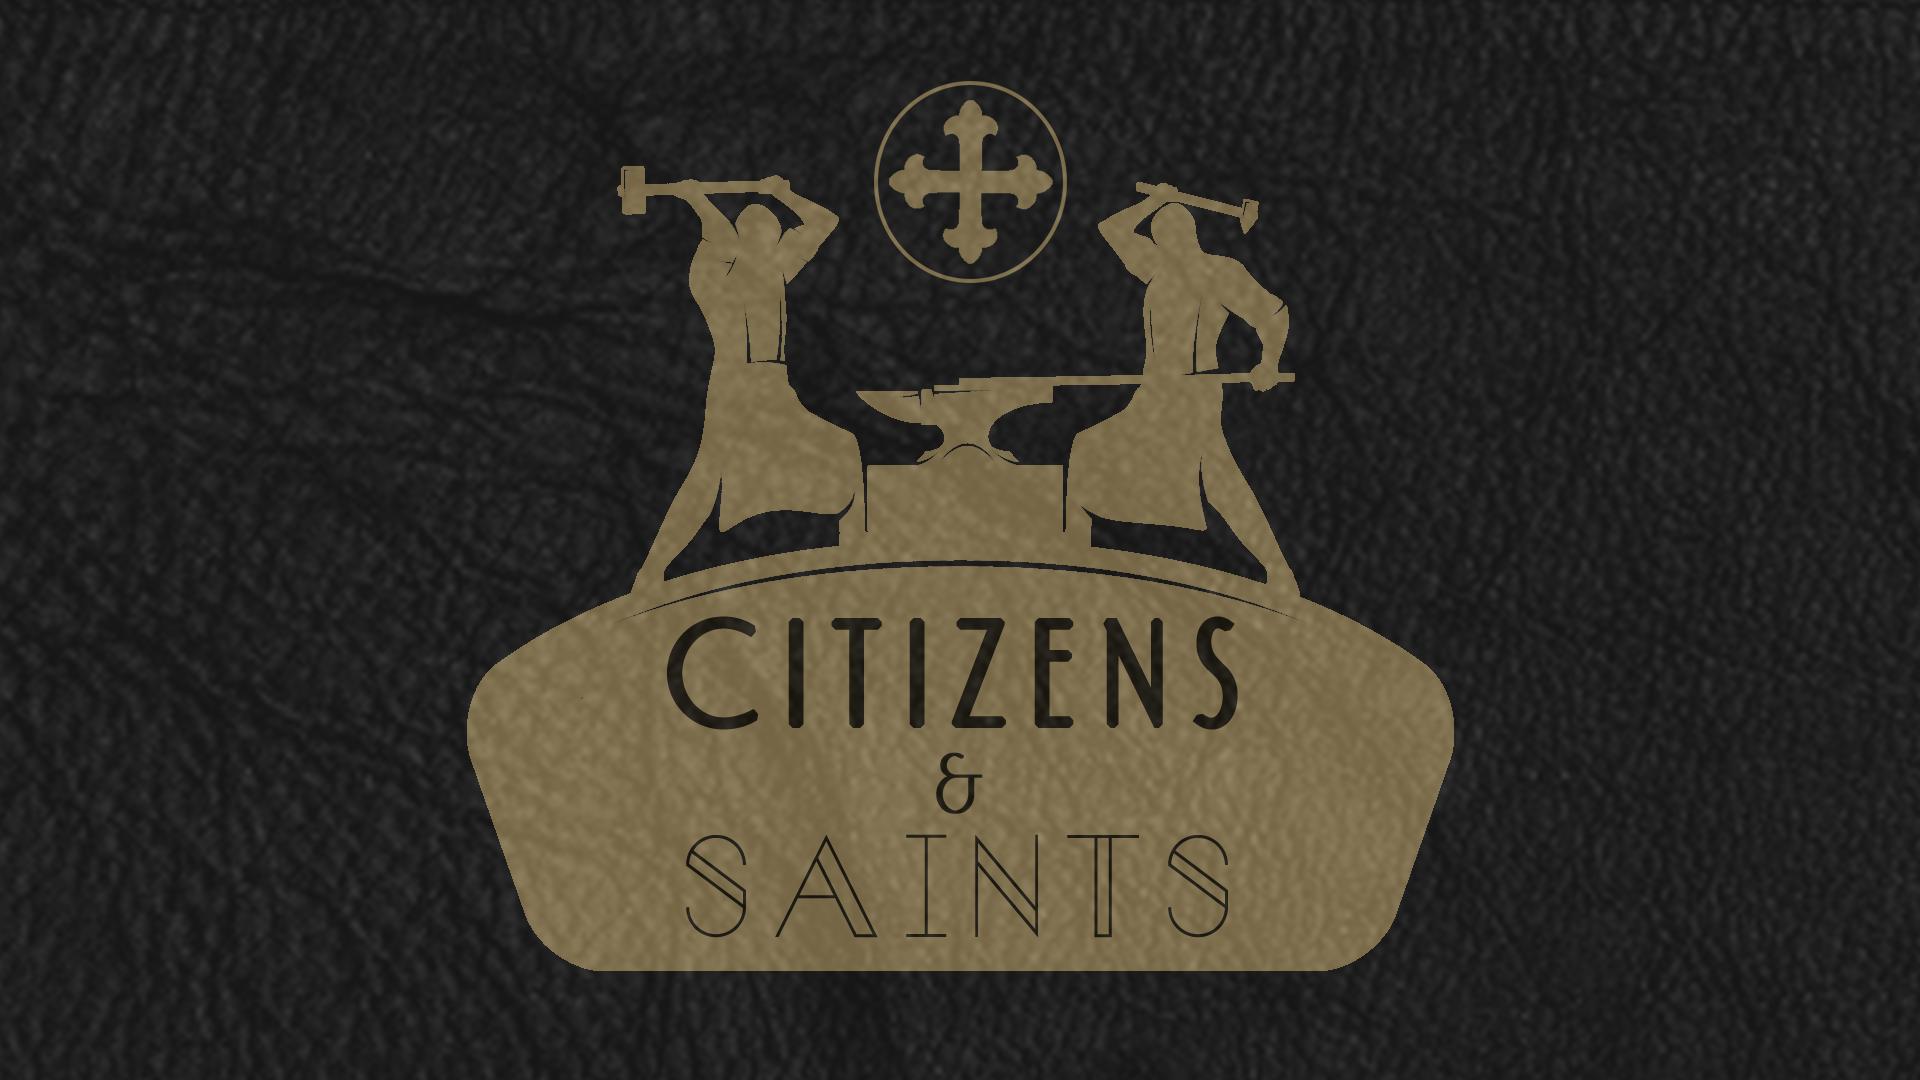 citizensandsaints_FINAL.png